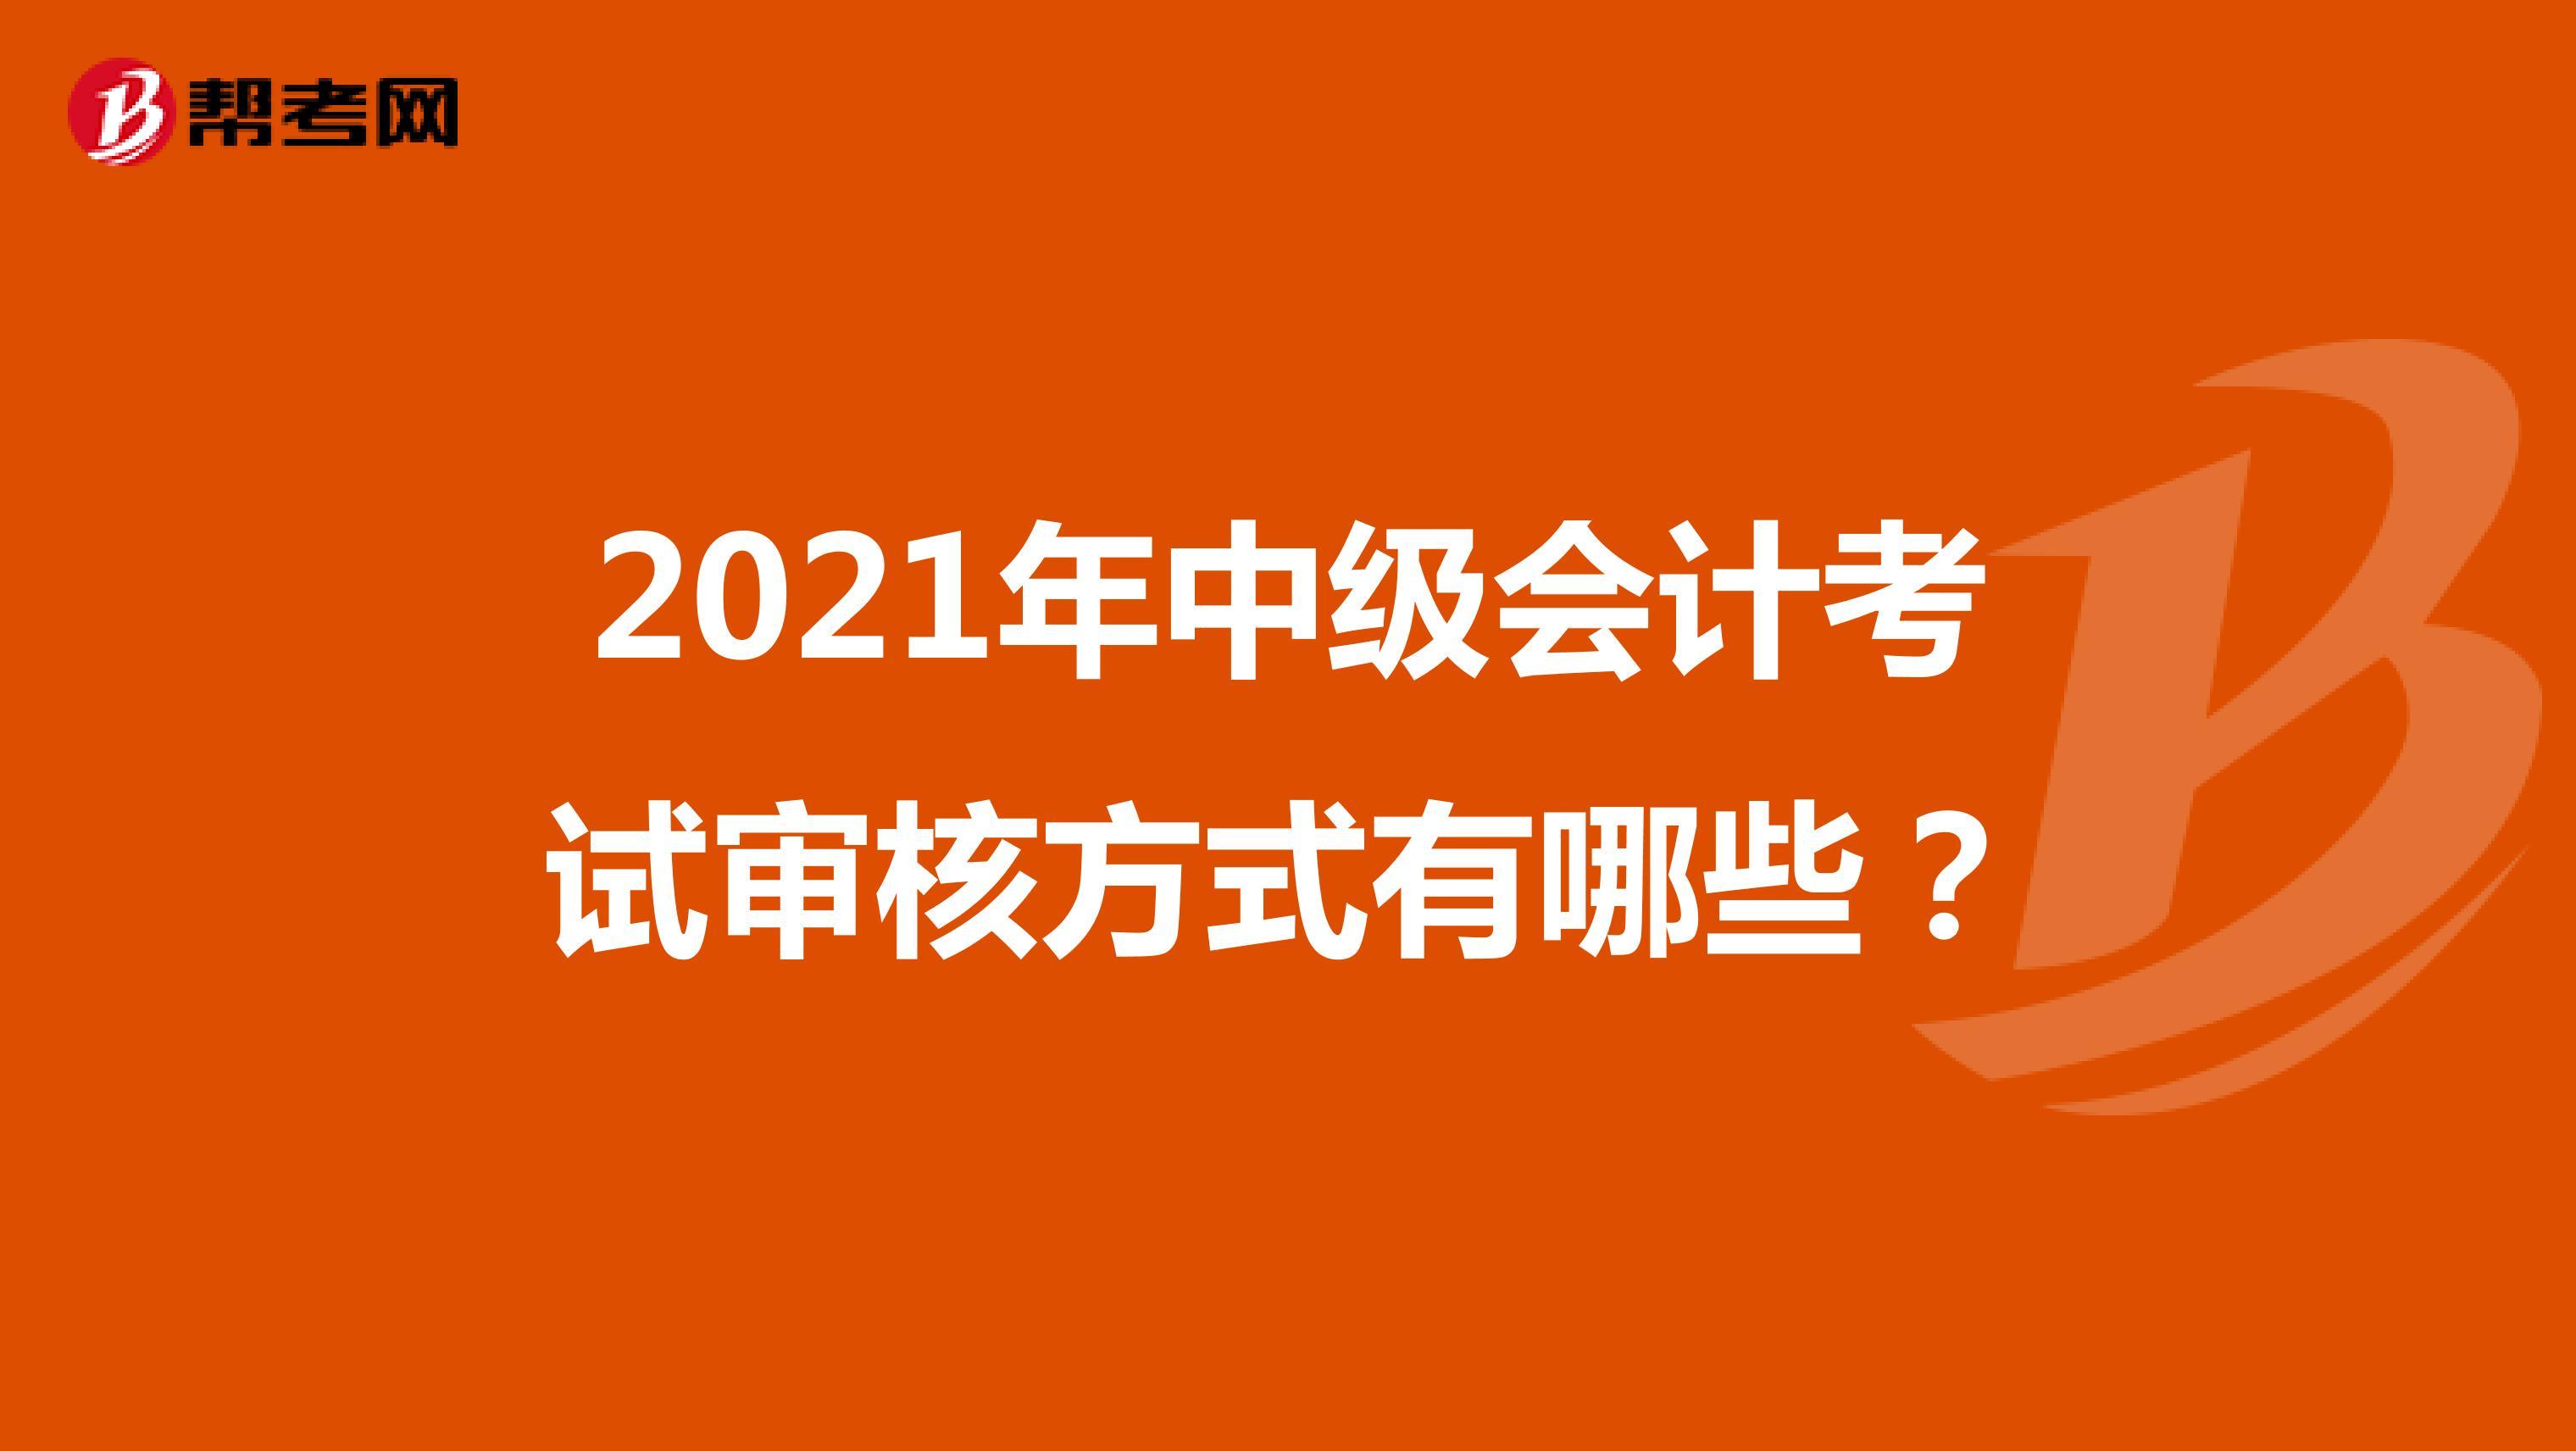 2021年中级会计考试审核方式有哪些?